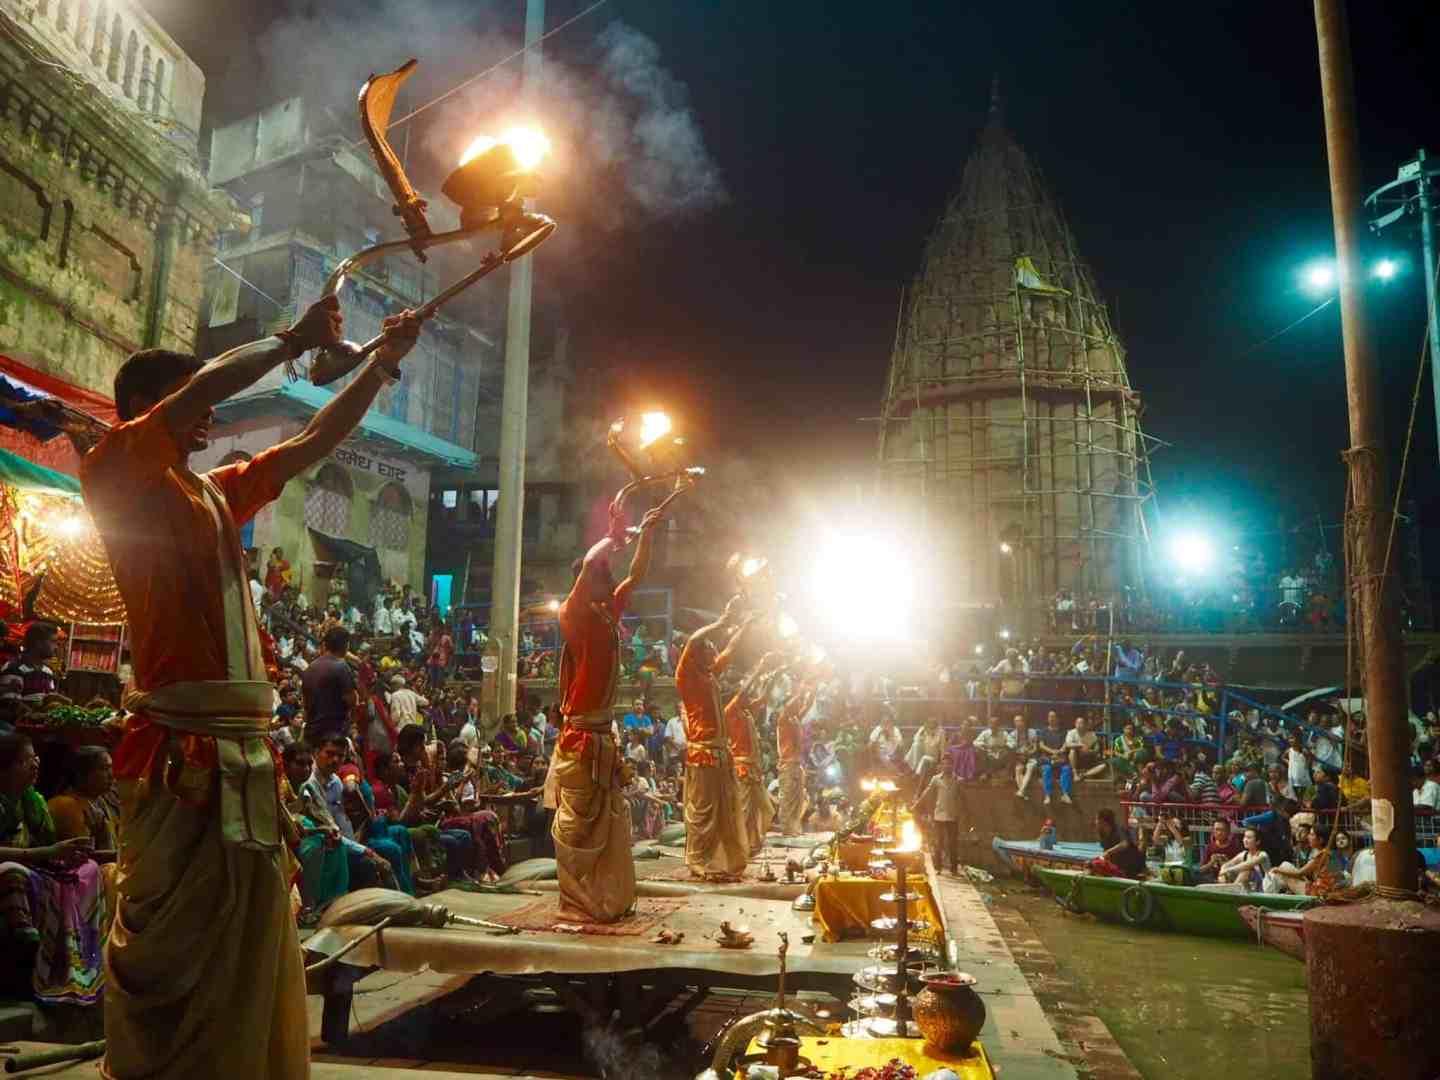 Travel safety tips Varanasi